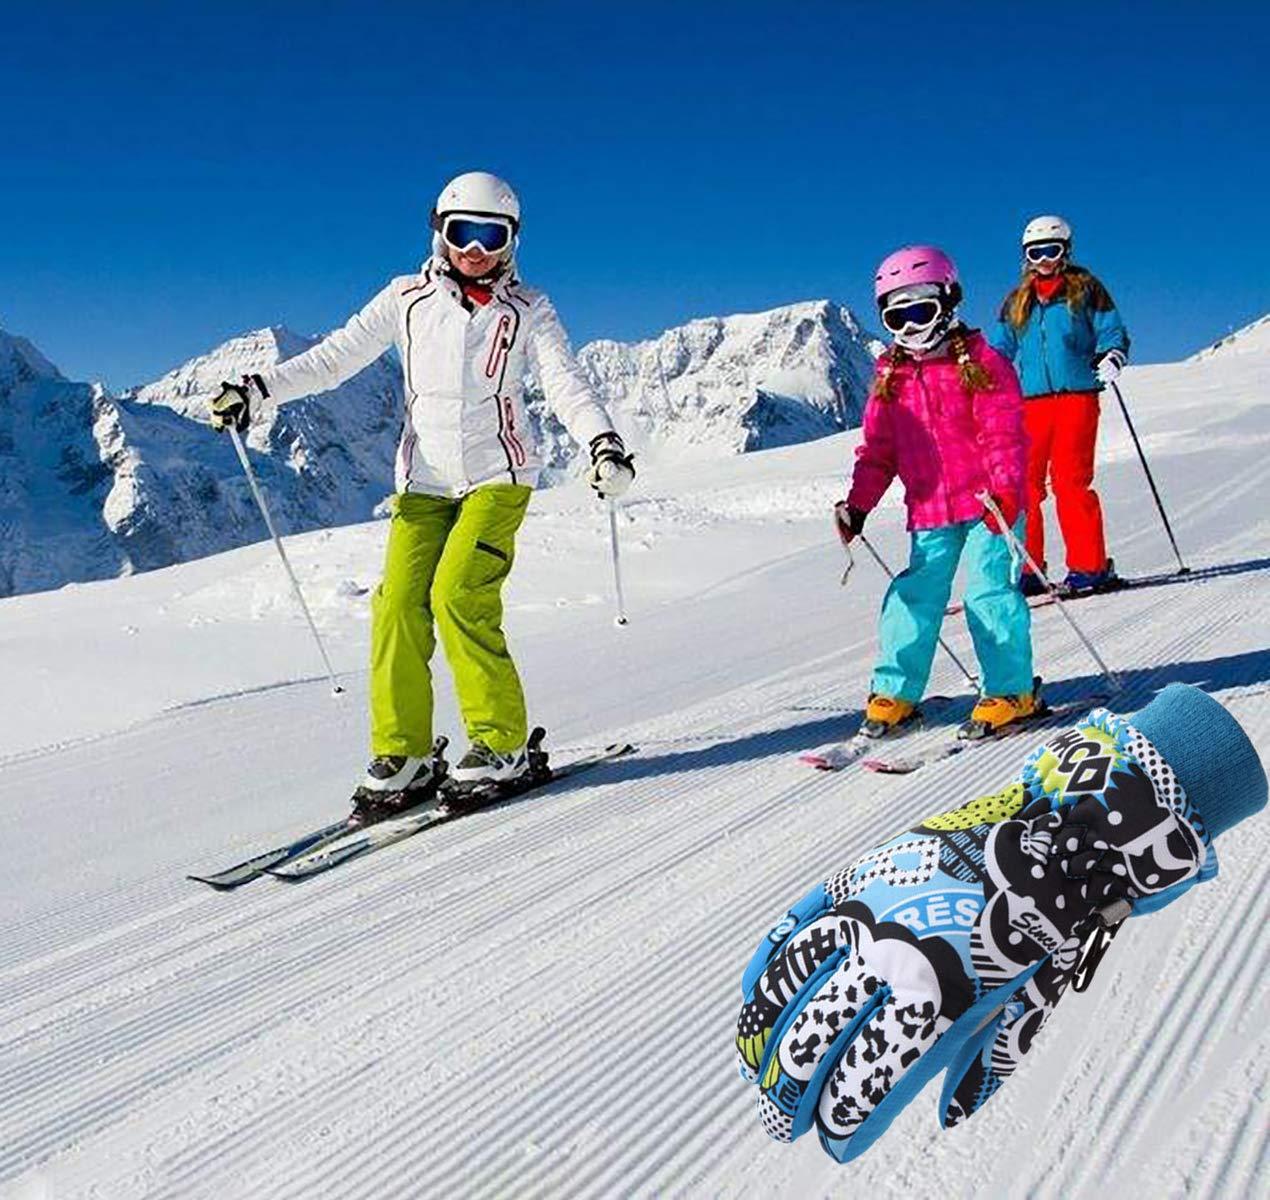 LAMEET Guanti da Sci per Bambini Colore E Taglia a Scelta Guanti da Sci Invernali per Bambini Ragazzi Ragazze 100/% Impermeabile Caldo Sport allAria Aperta Sci Ciclismo Snowboard